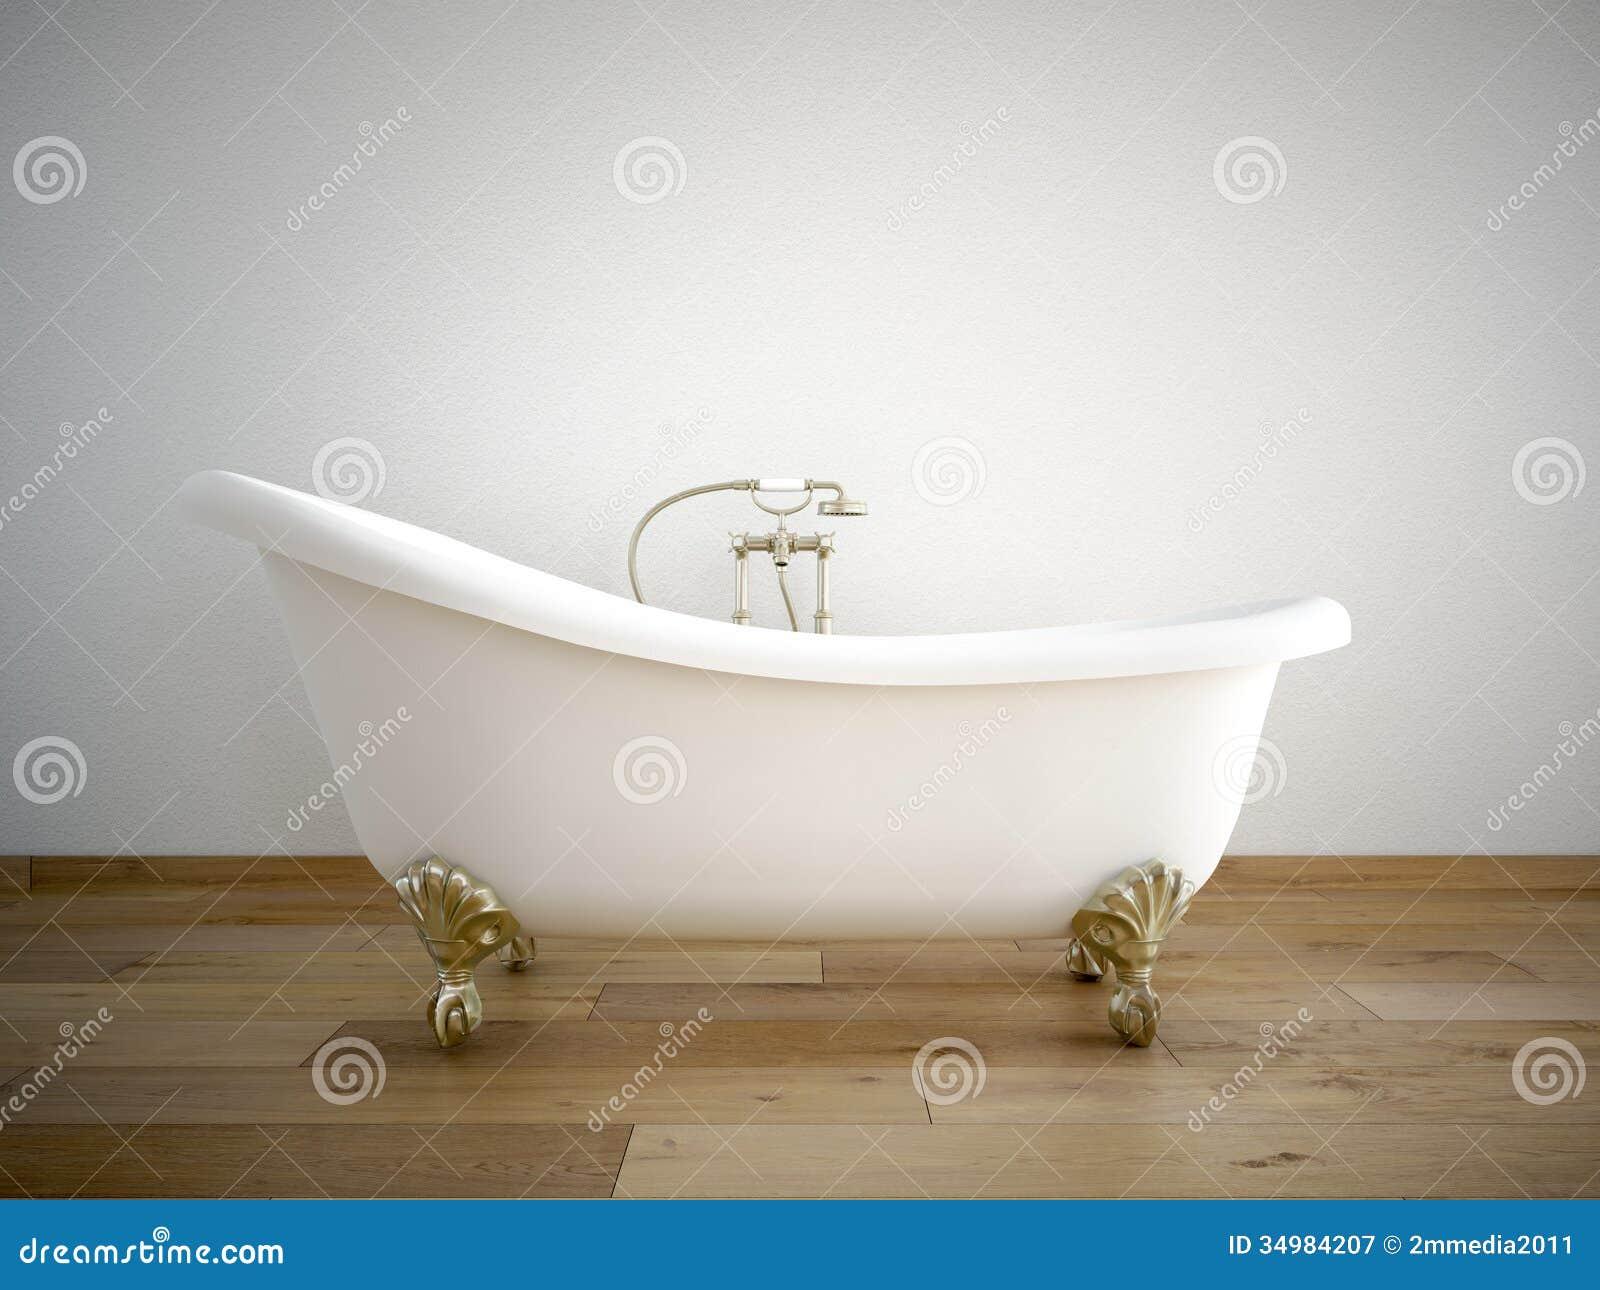 Bathtube stock illustration. Illustration of water, architecture ...